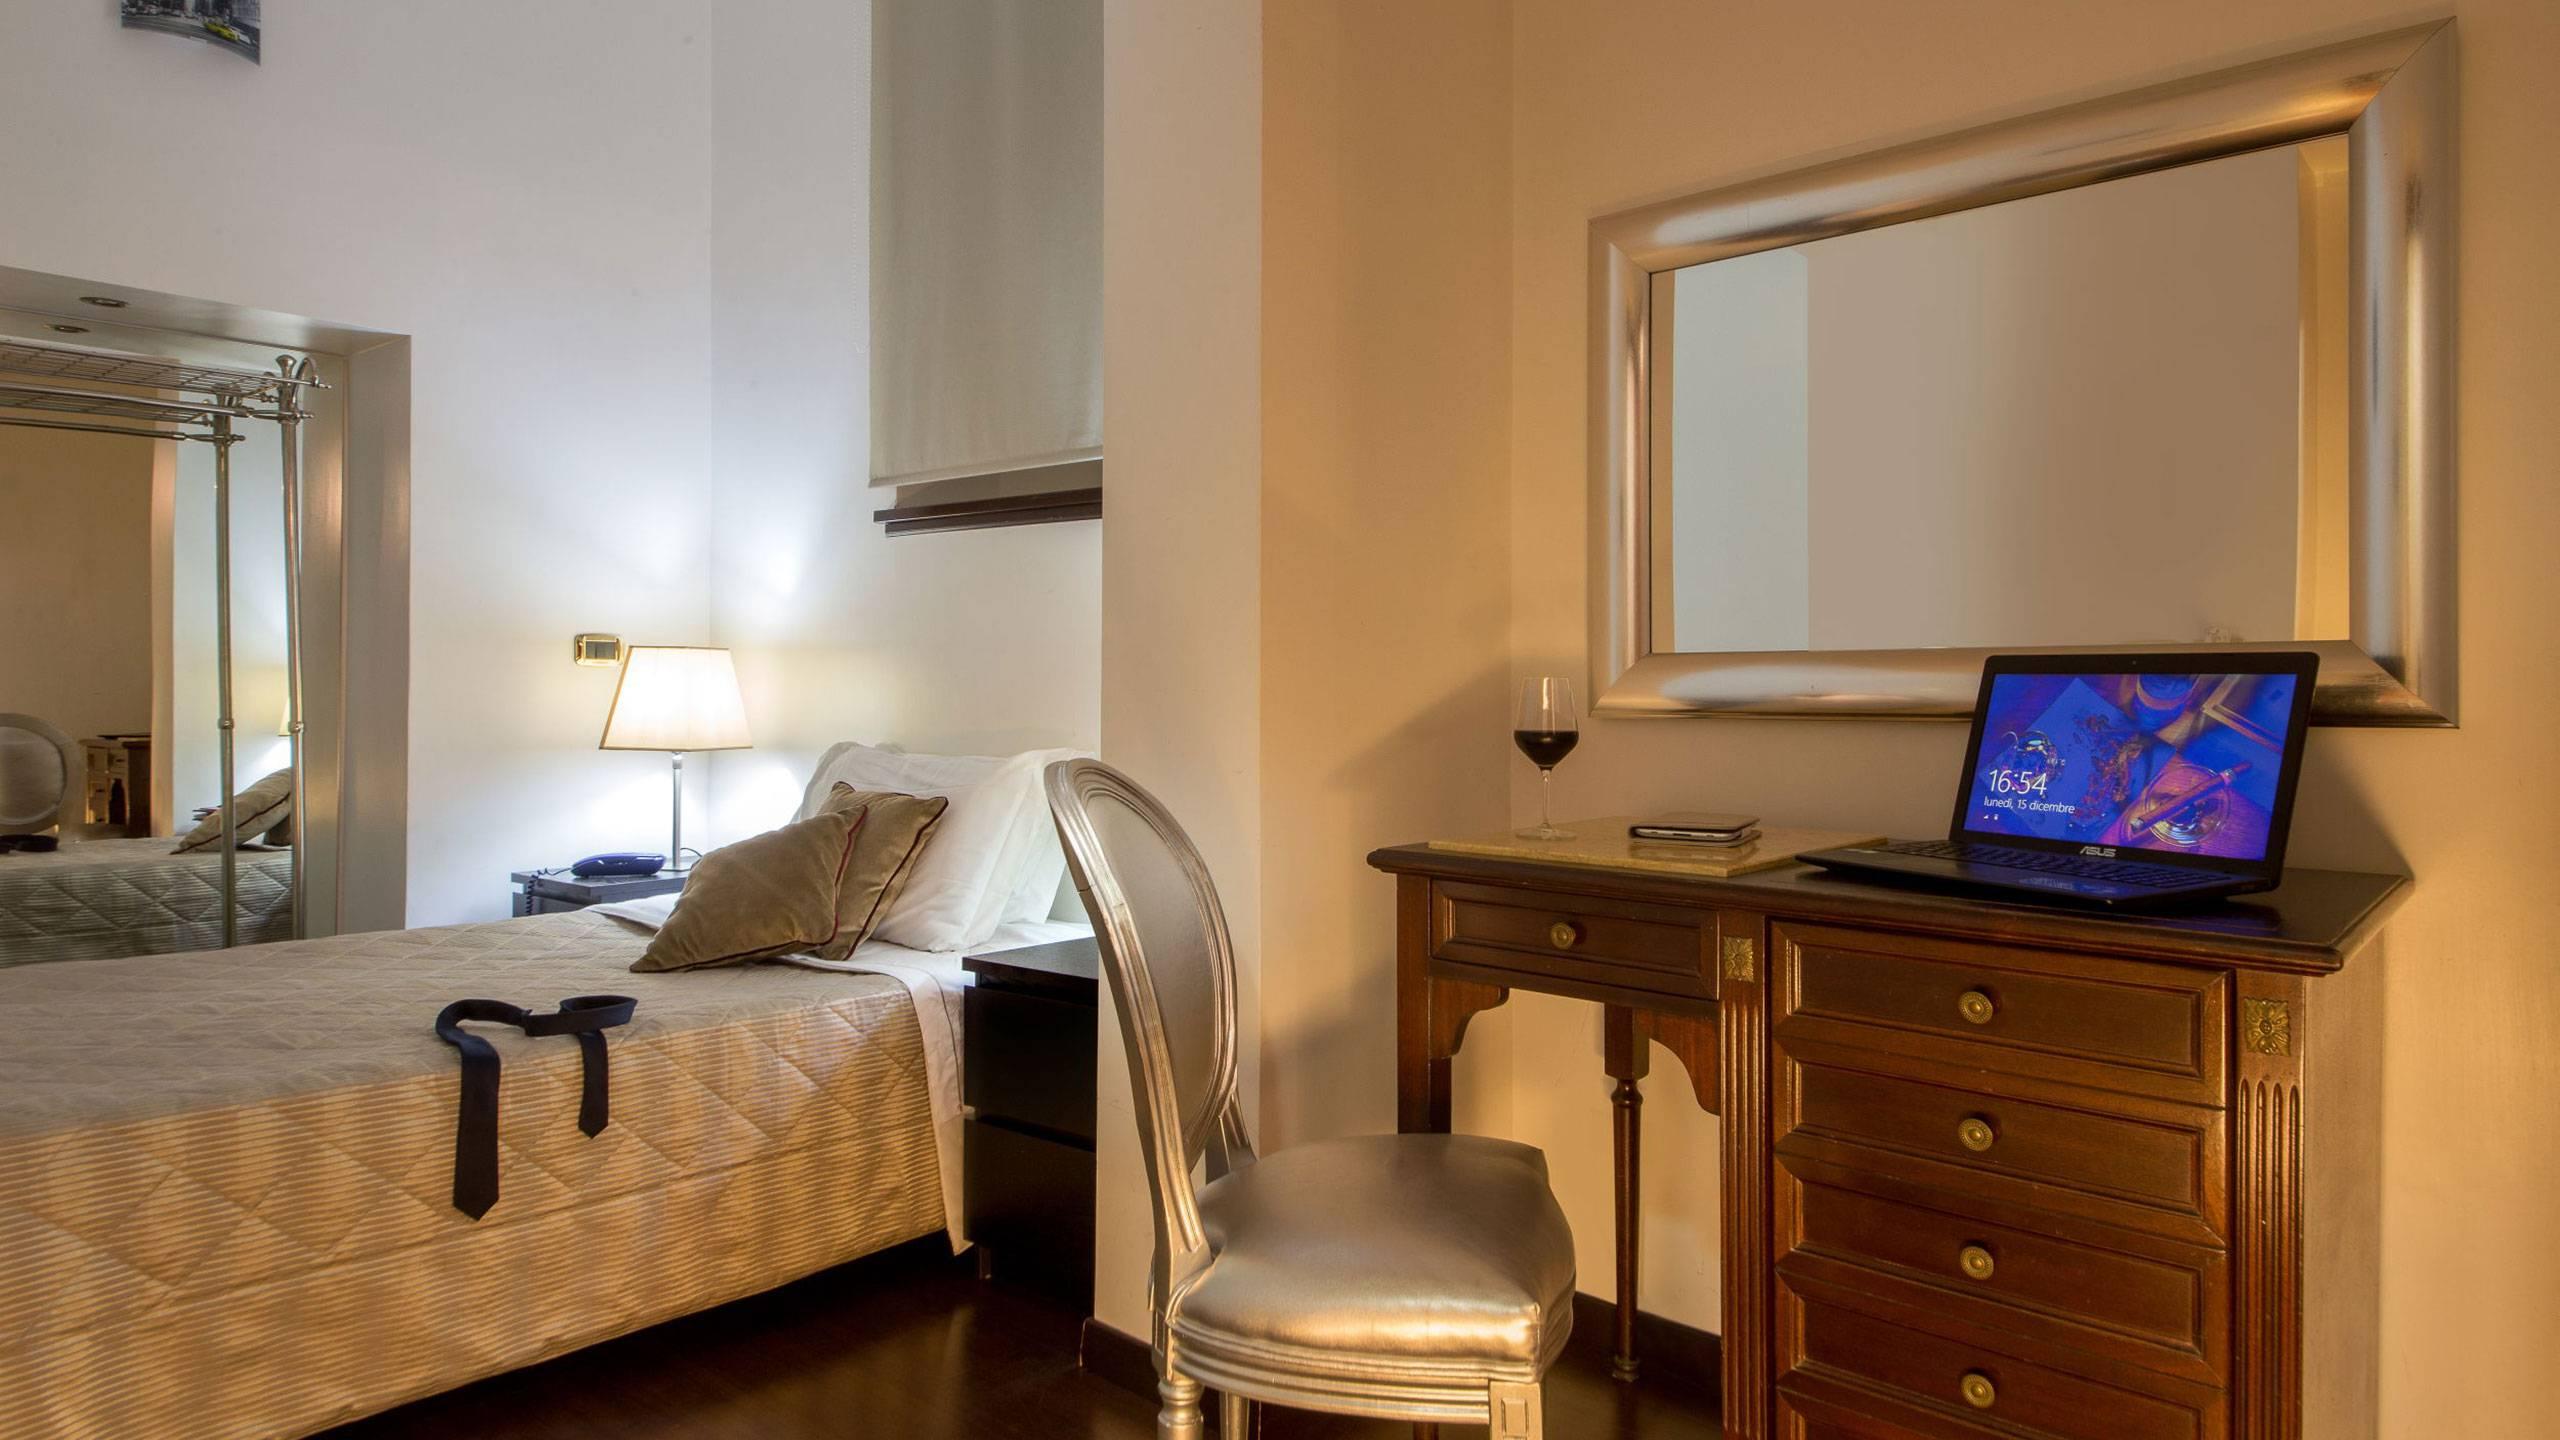 Hotel del corso roma home for Indirizzo camera dei deputati roma